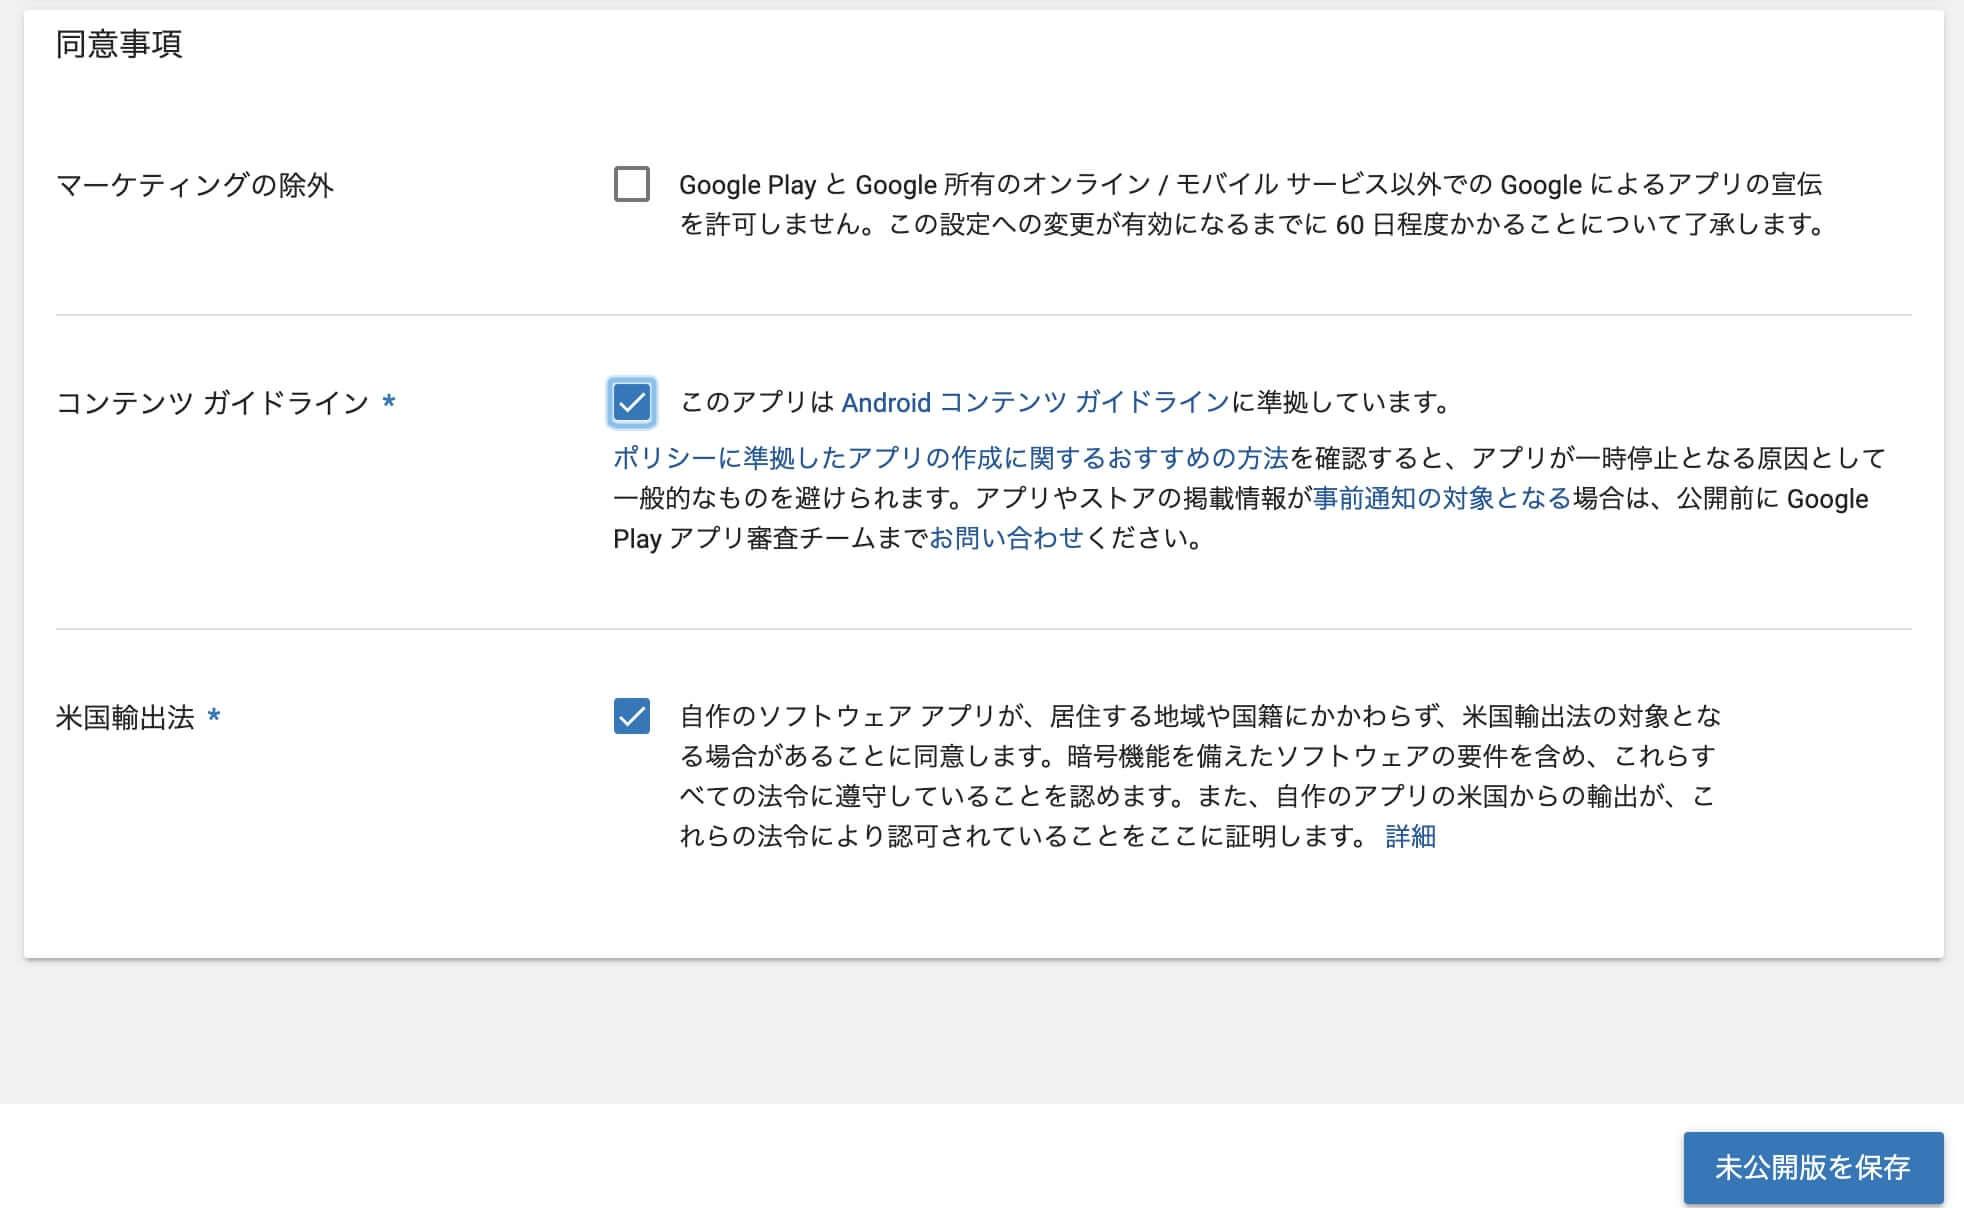 Google-Play-Consoleで同意事項を調べる